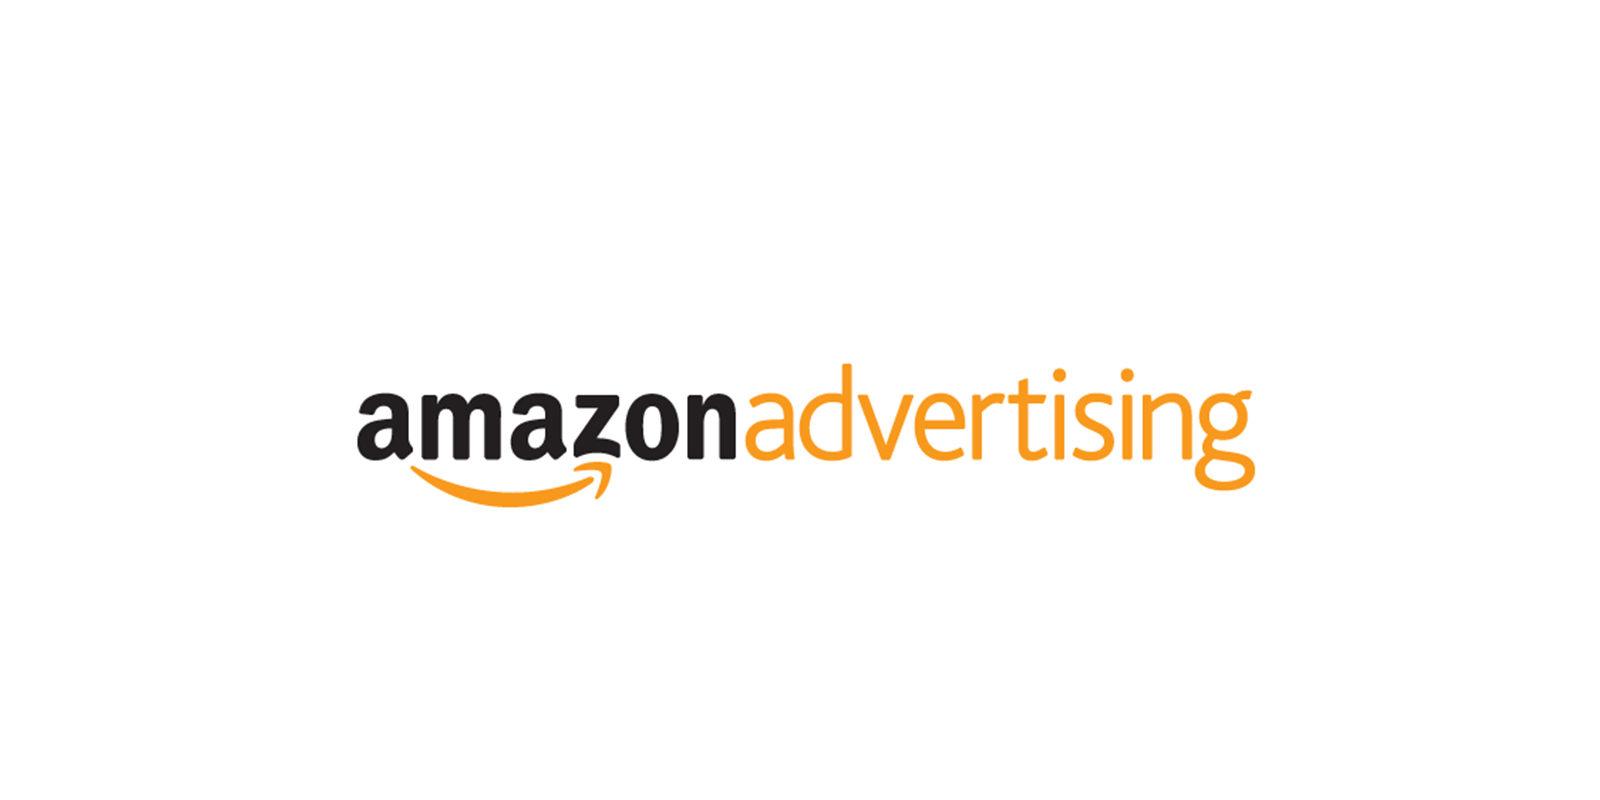 Publicidad en Amazon: Mitos y Consejos Prácticos